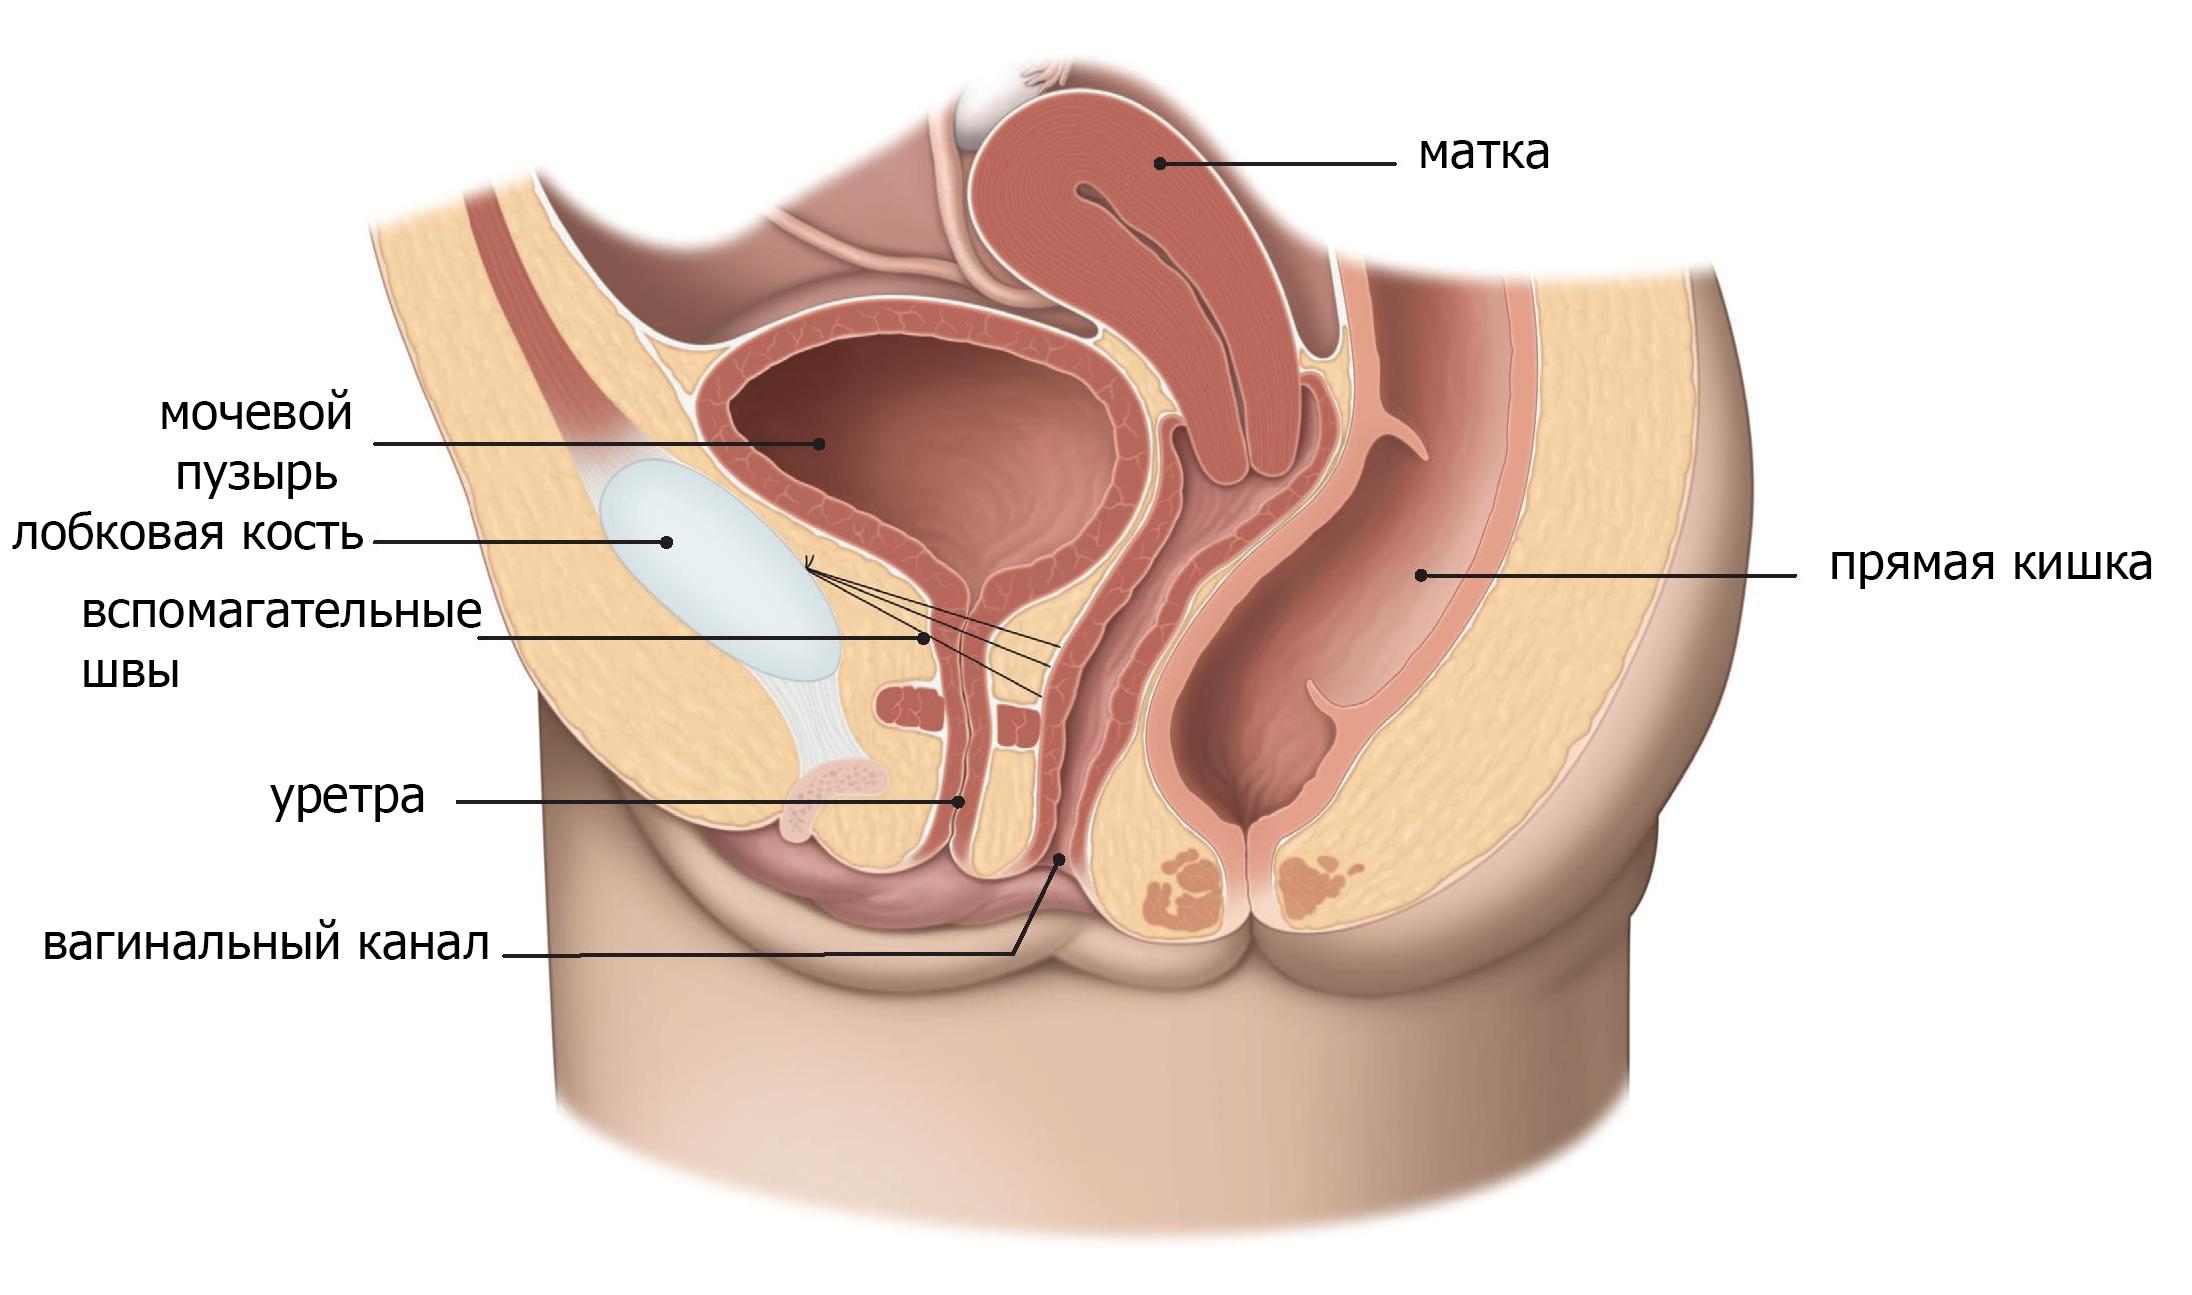 Уретрит у женщин — симптомы и лечение препаратами, диагностика, профилактика